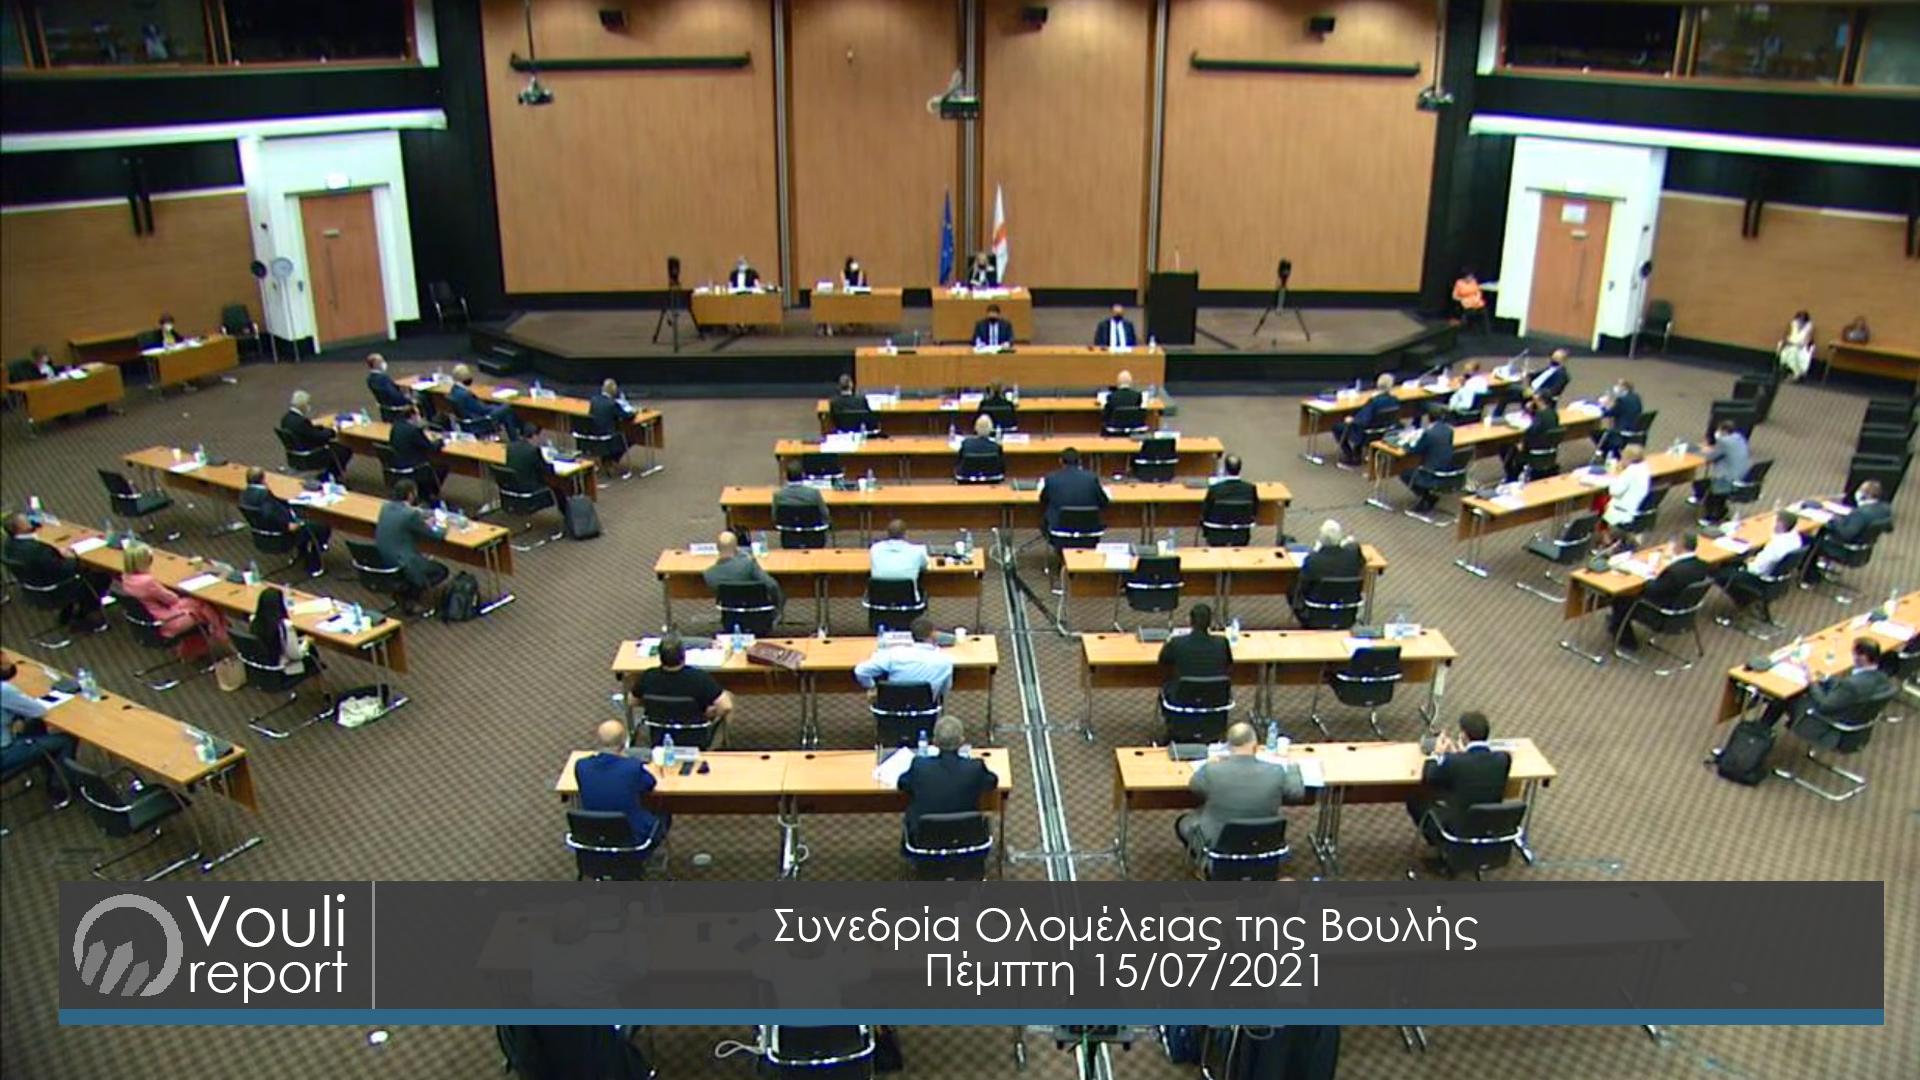 Συνεδρία Ολομέλειας της Βουλής   15/07/2021